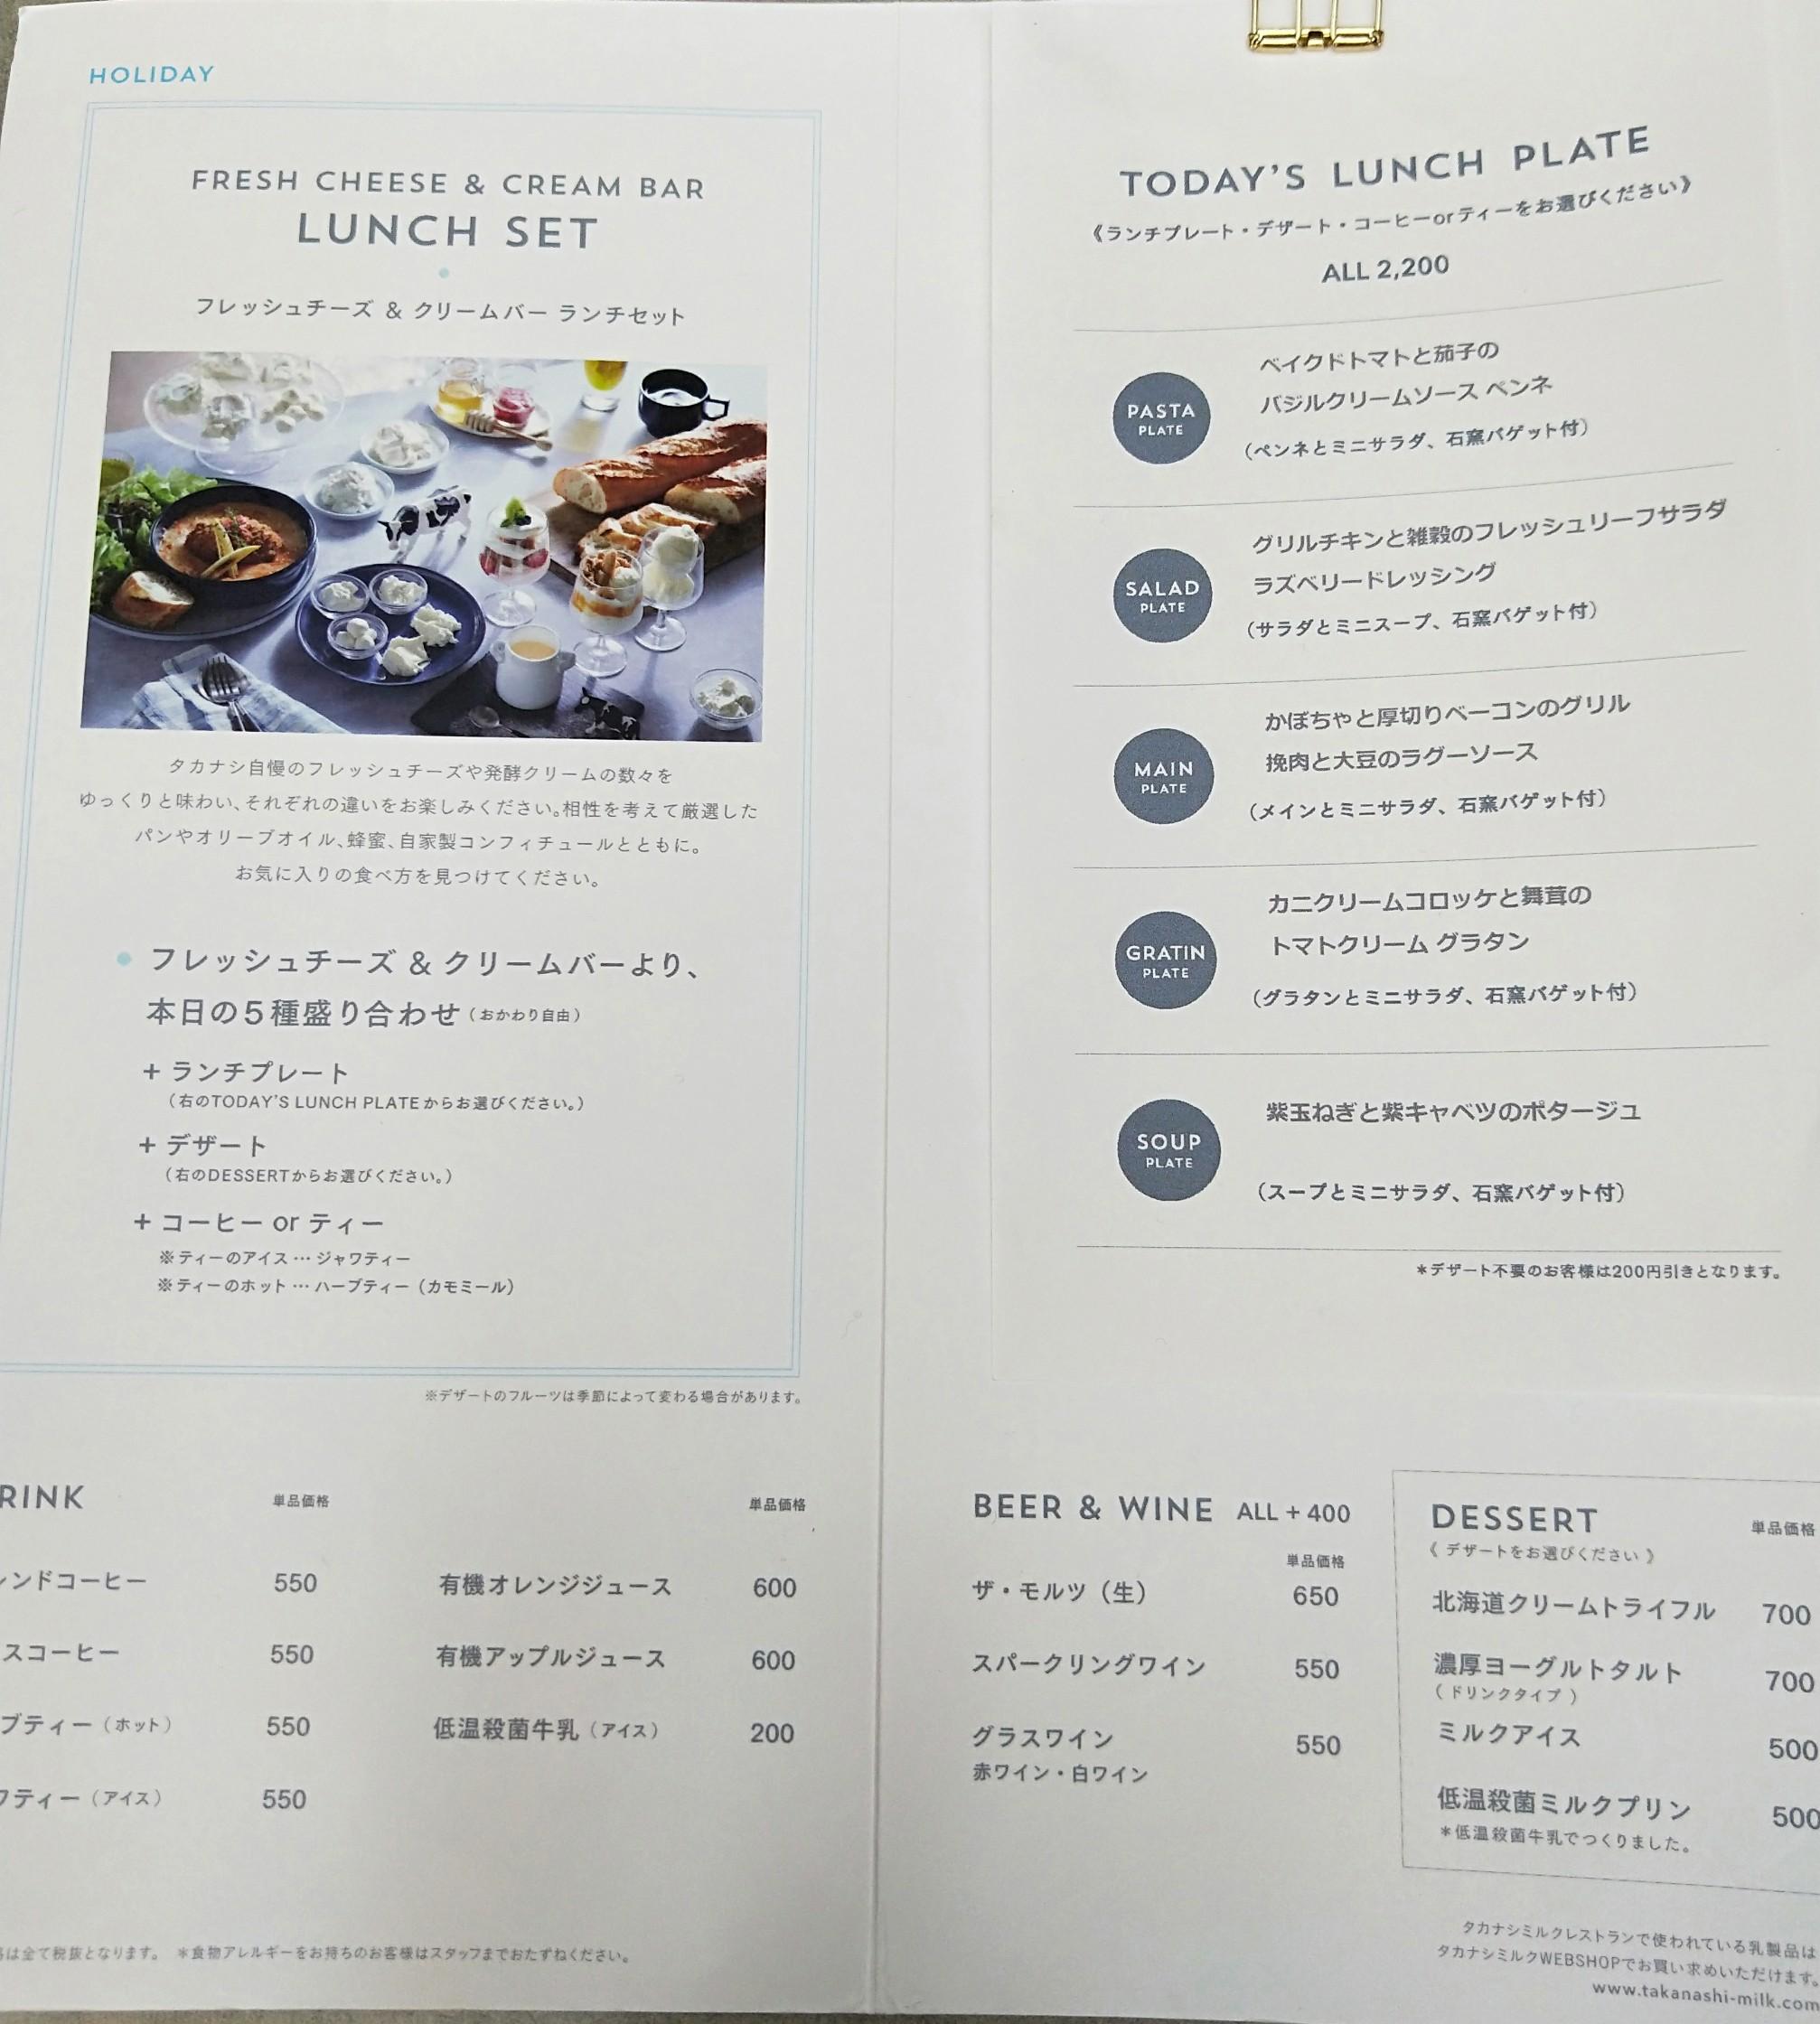 チーズ&クリームおかわり自由♡タカナシ乳業「タカナシミルクレストラン」in みなとみらい_2